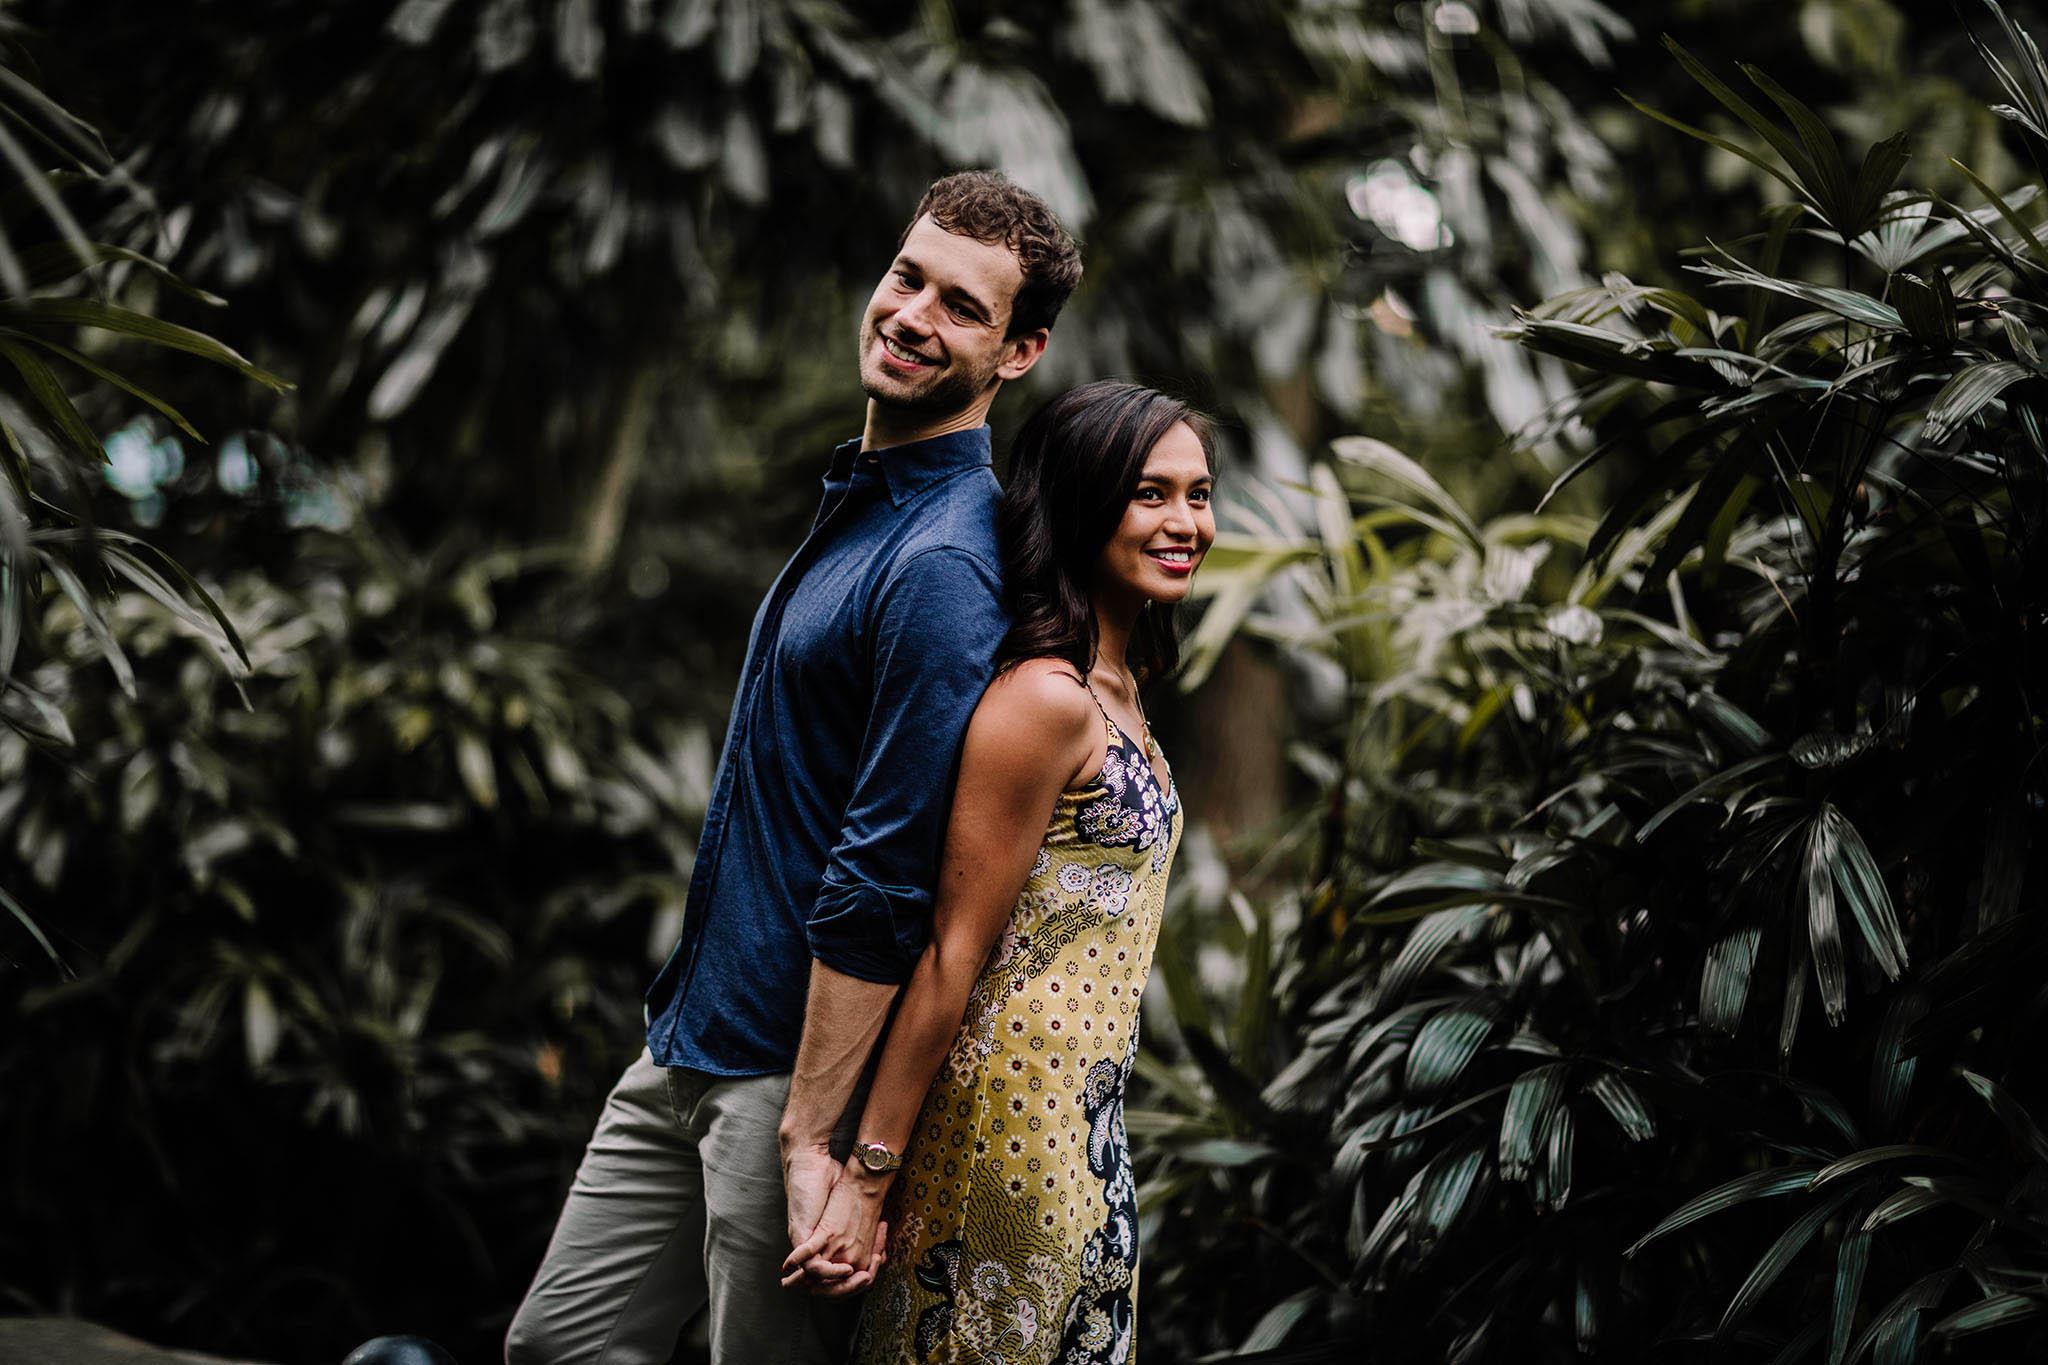 outdoor-couple-portraits-xavier-beatrice-4